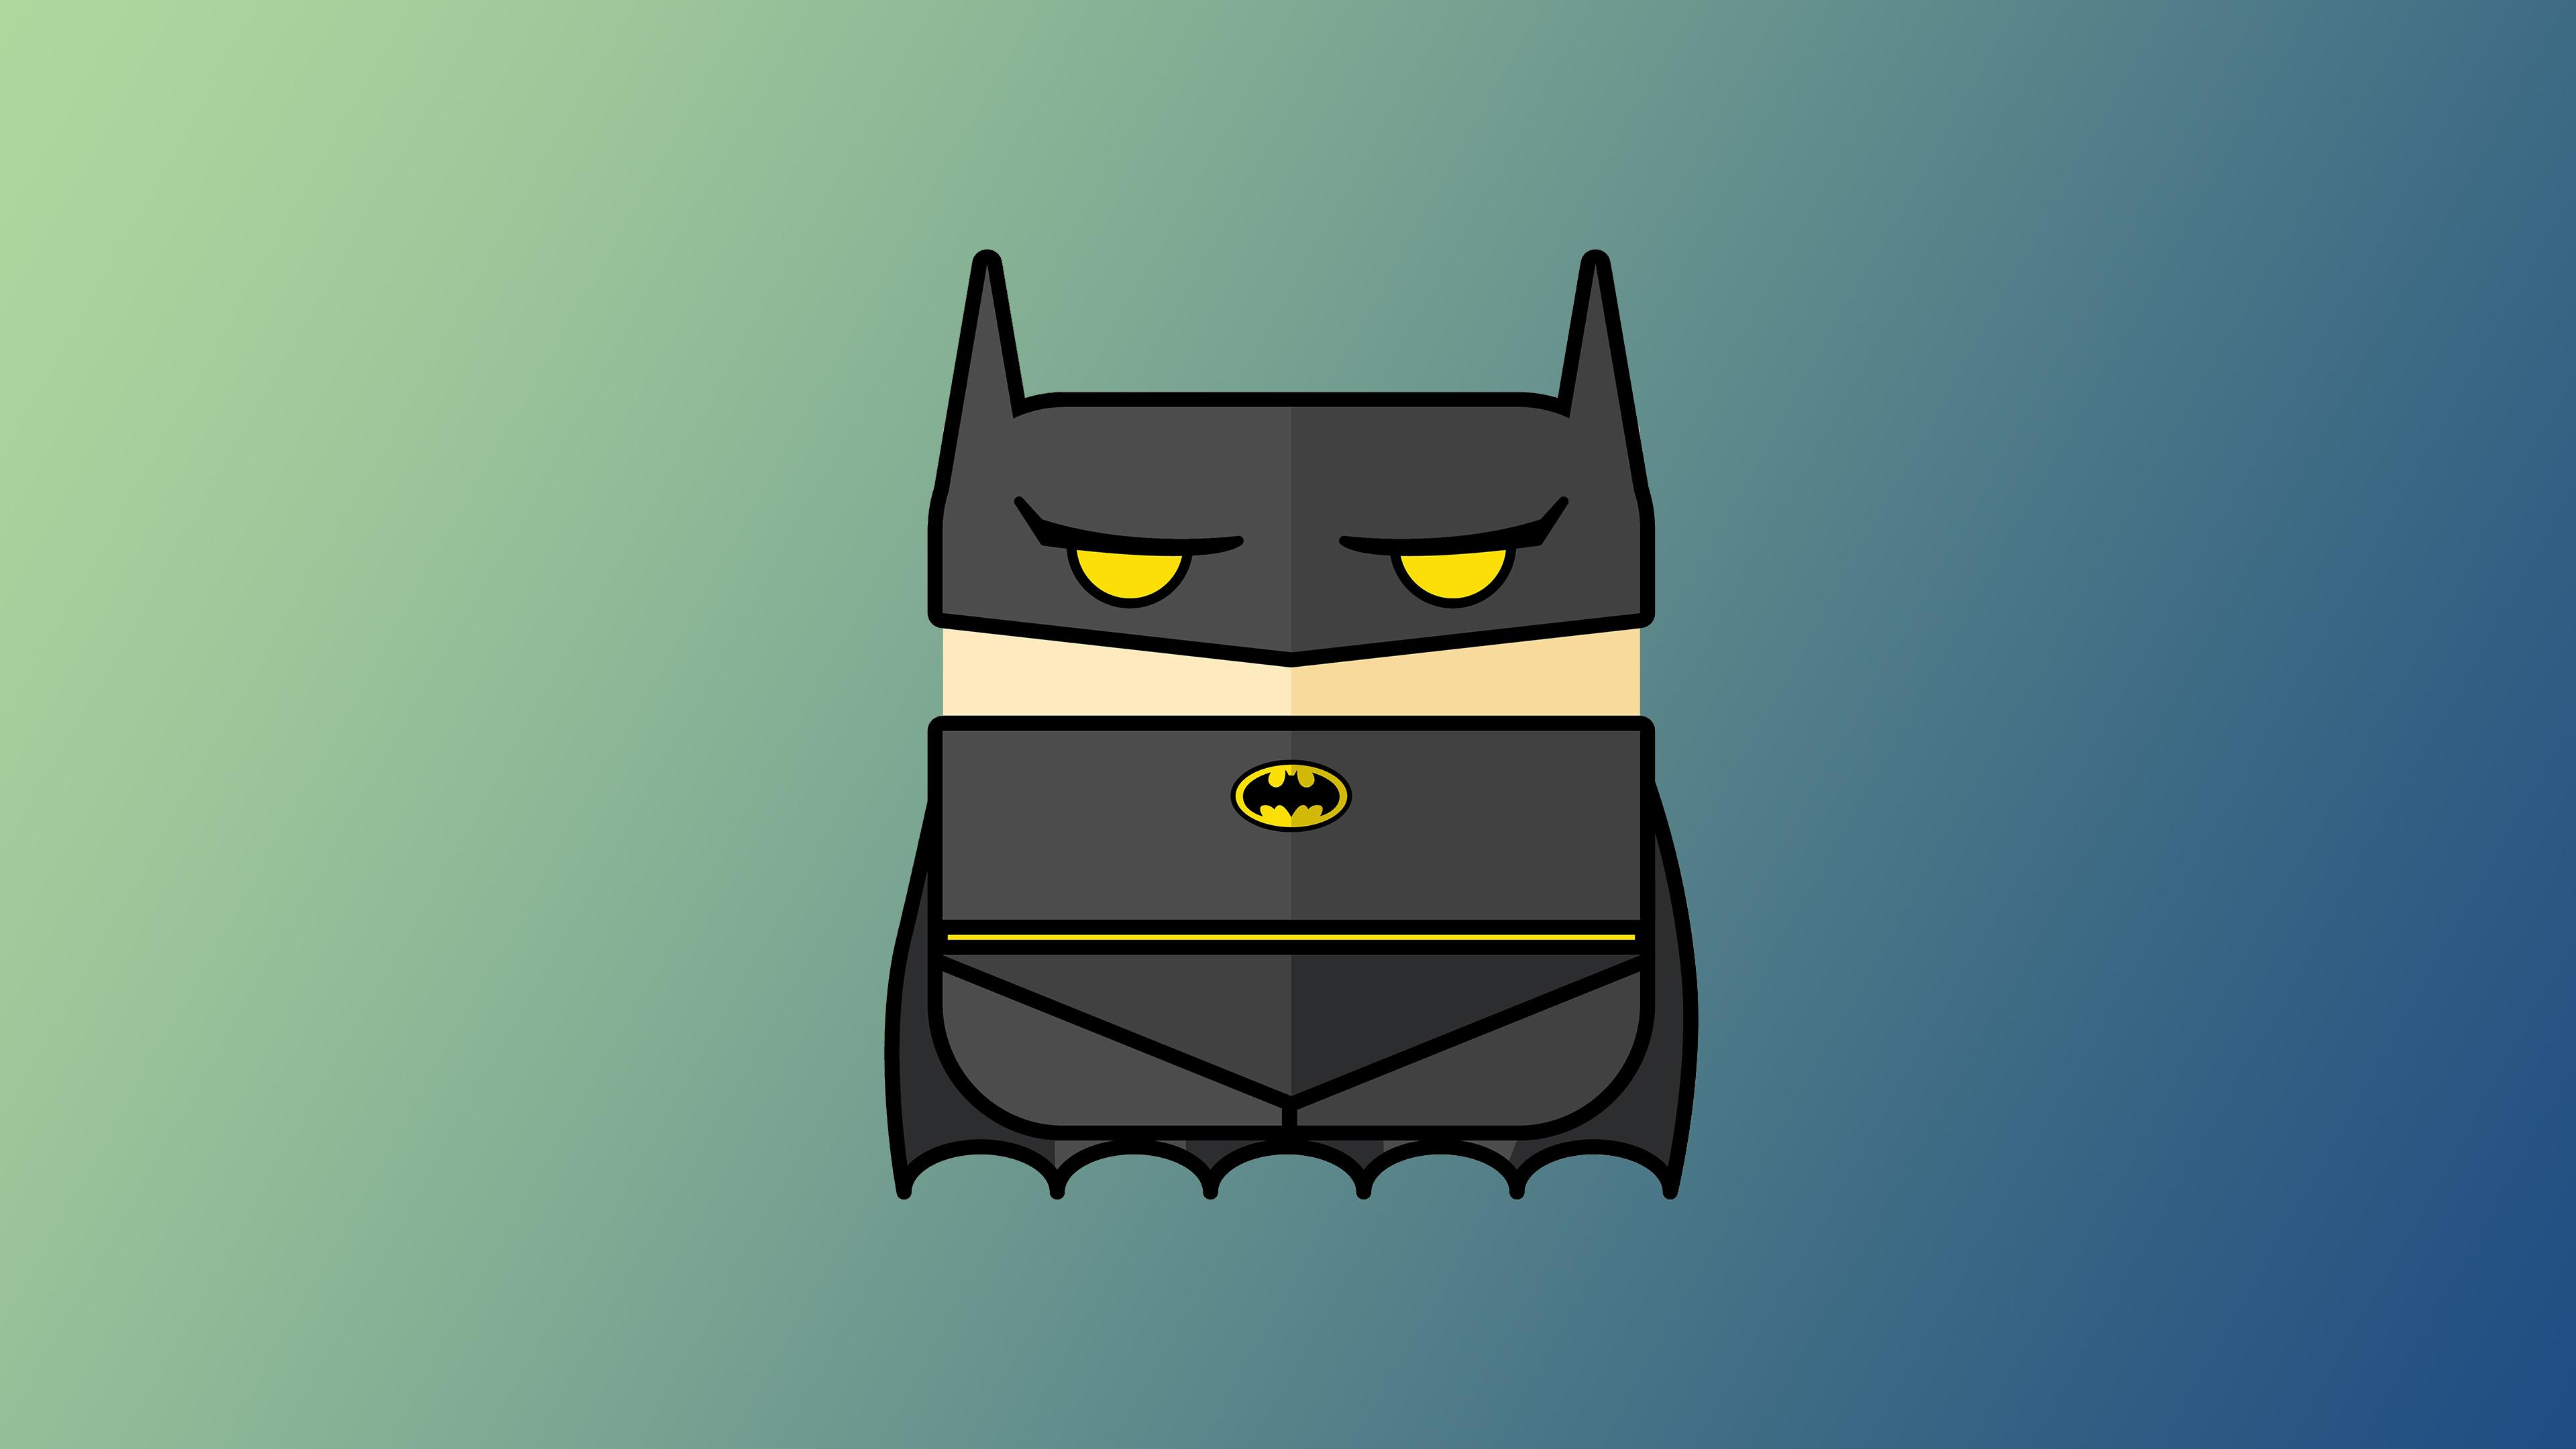 batman minimalist 4k 1553071132 - Batman Minimalist 4k - superheroes wallpapers, minimalist wallpapers, minimalism wallpapers, hd-wallpapers, digital art wallpapers, behance wallpapers, batman wallpapers, artwork wallpapers, artist wallpapers, 4k-wallpapers